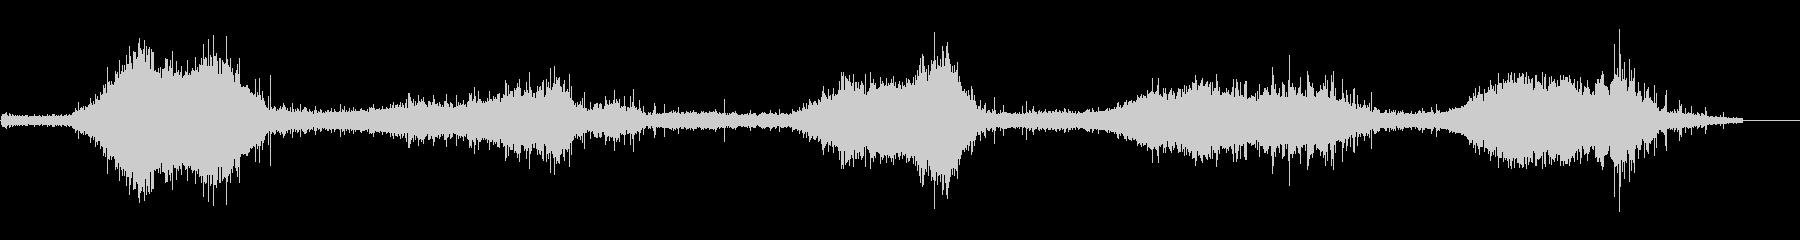 ゴットランド島の波の音 強め ザザーの未再生の波形